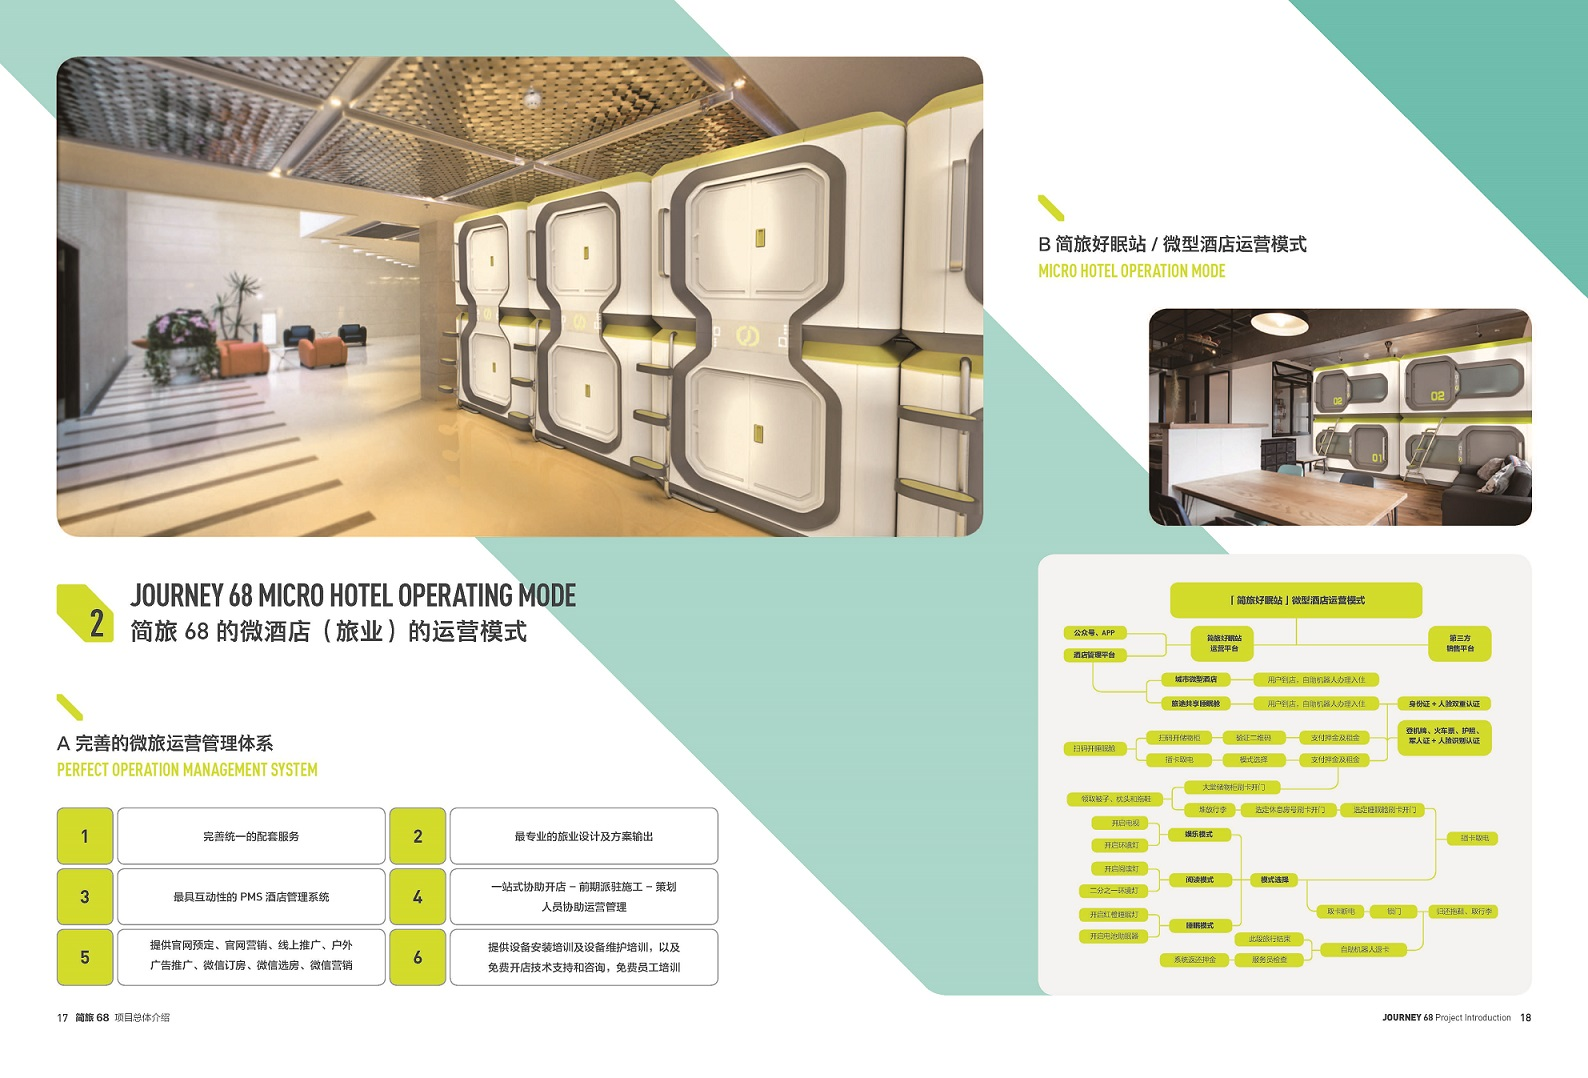 太空舱设备生产厂家10.jpg